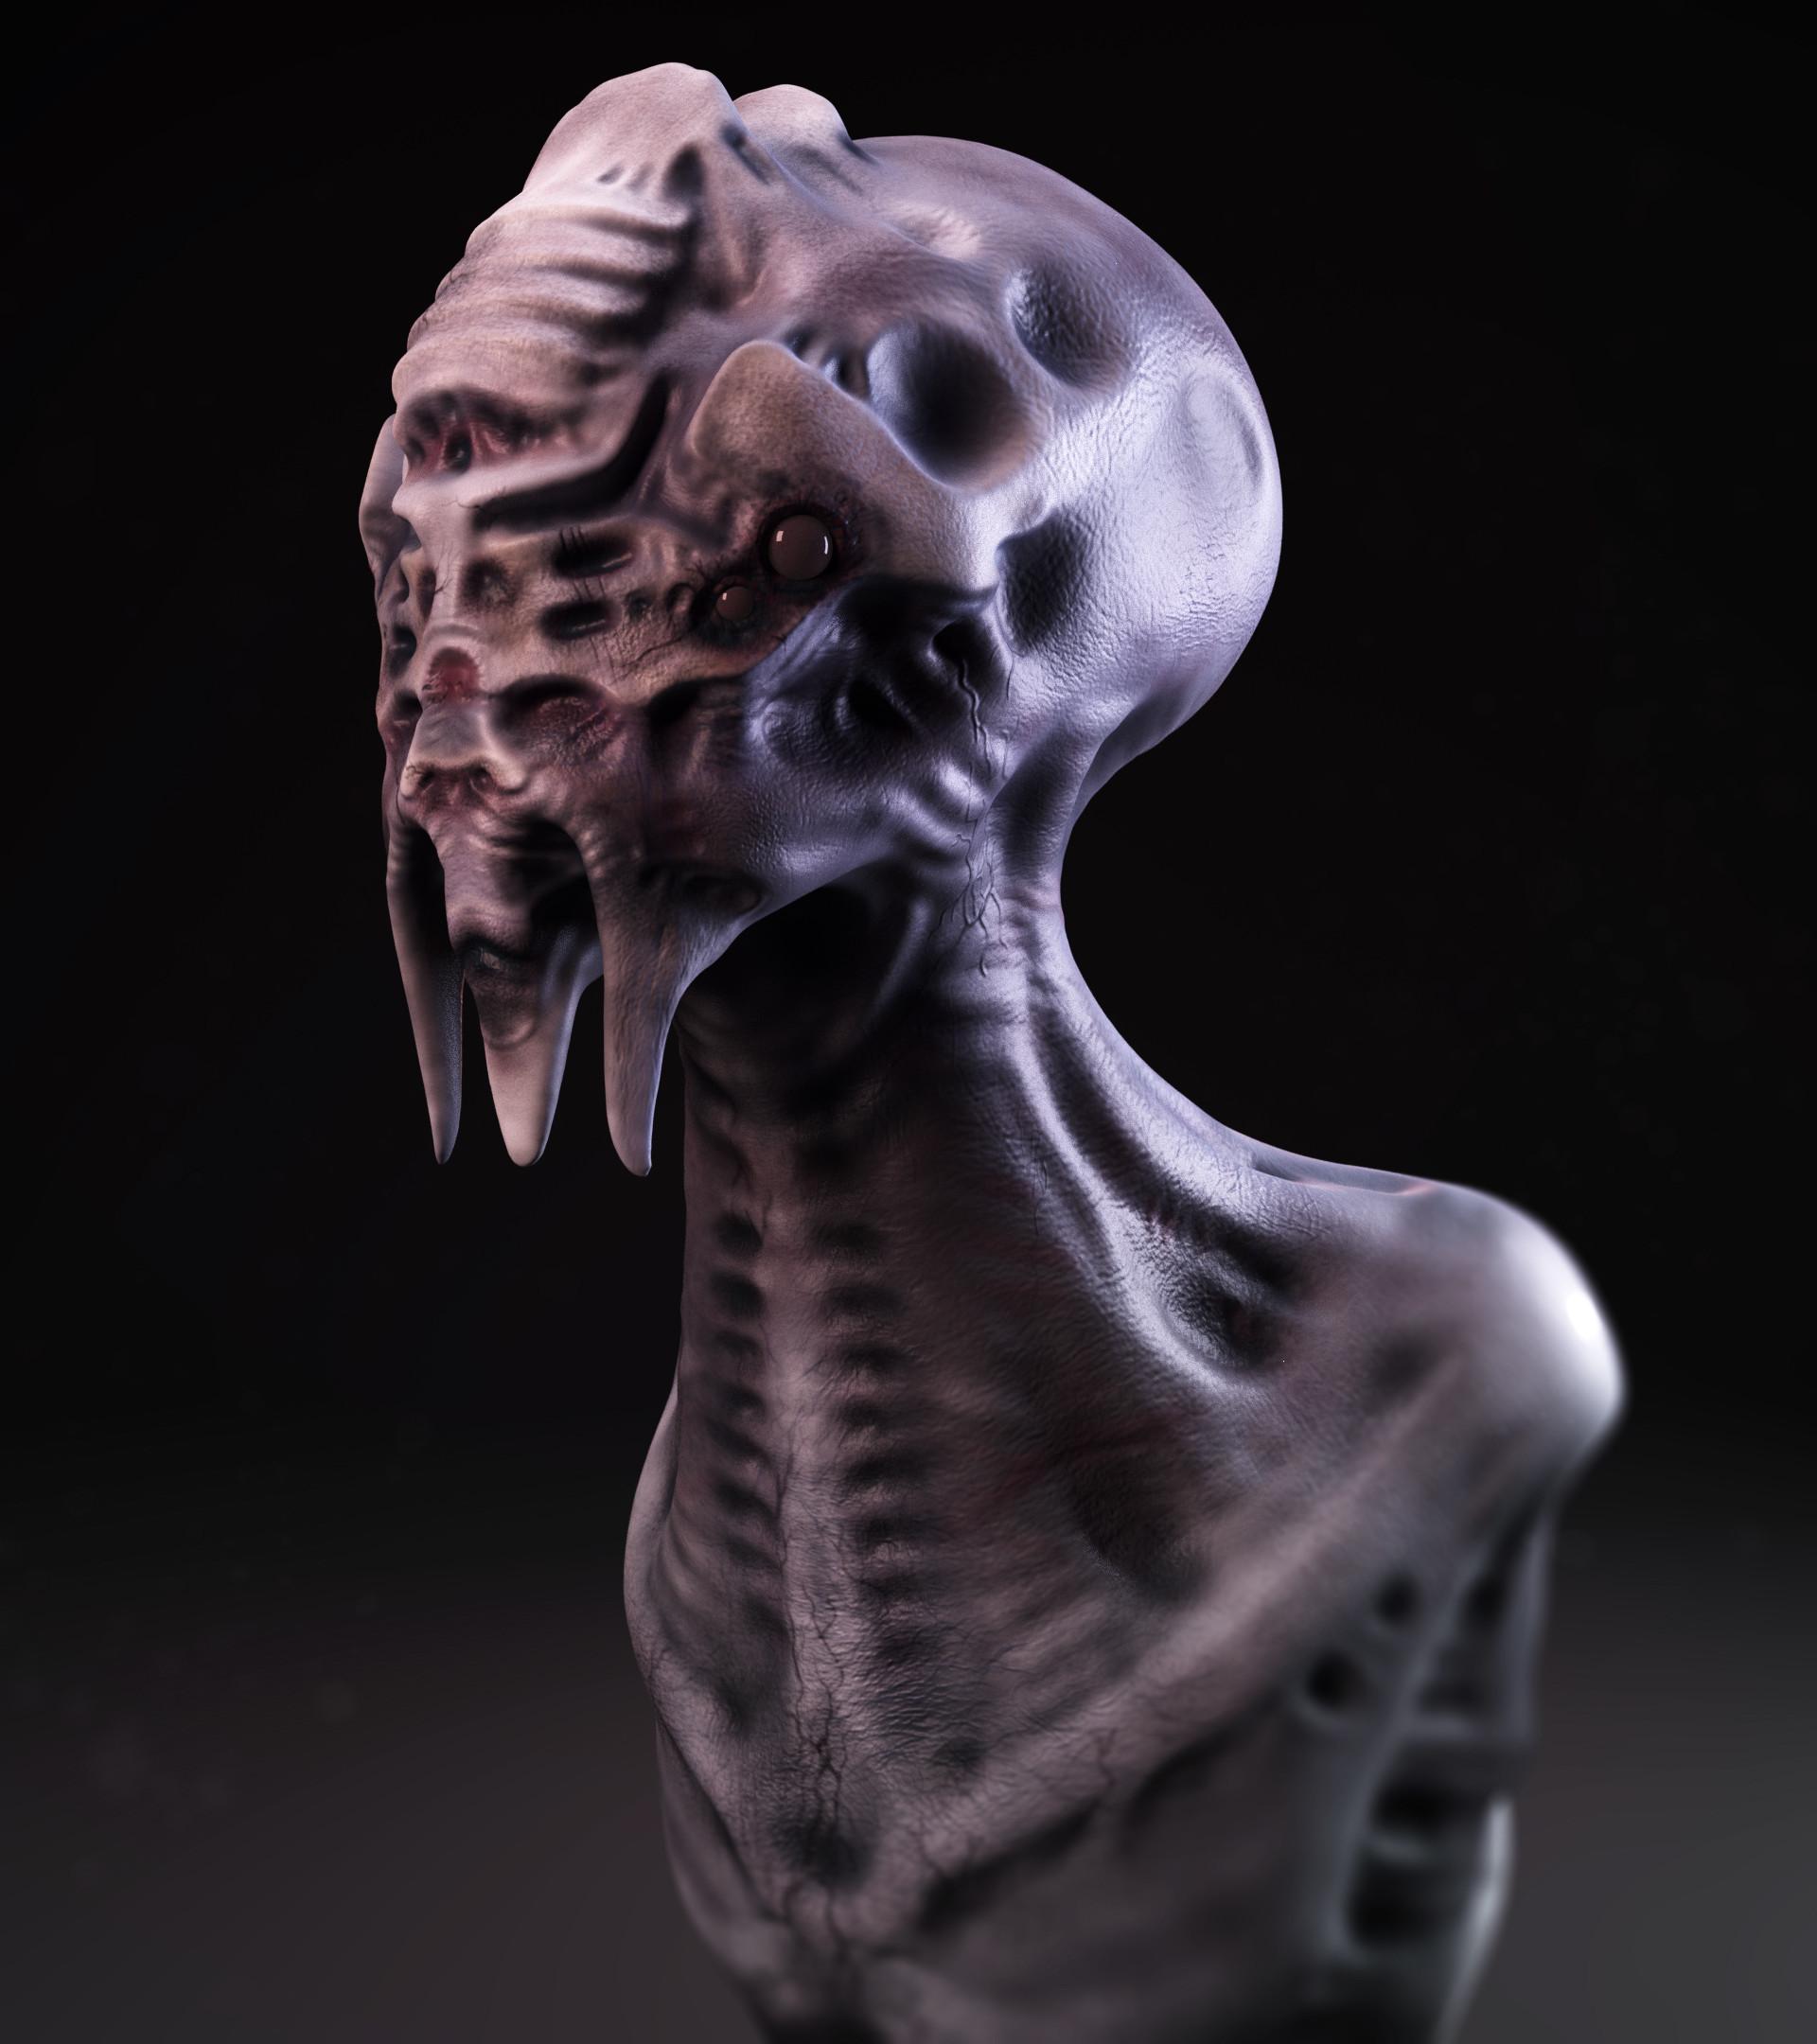 Zak katara alien profile